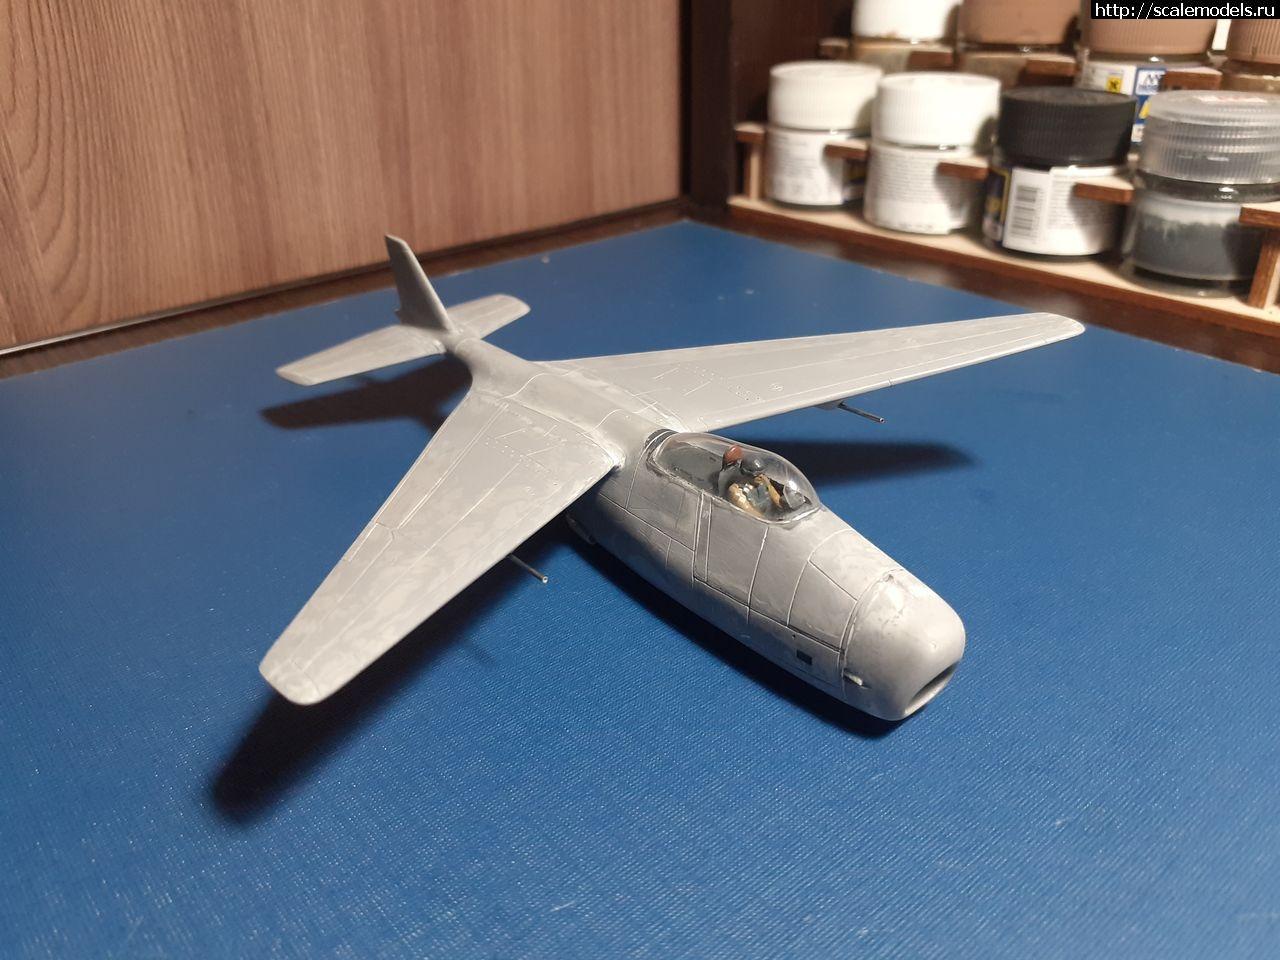 #1650339/ Blohm & Voss BV P.209.02 1:72 Airmodel (ГОТОВО) Закрыть окно